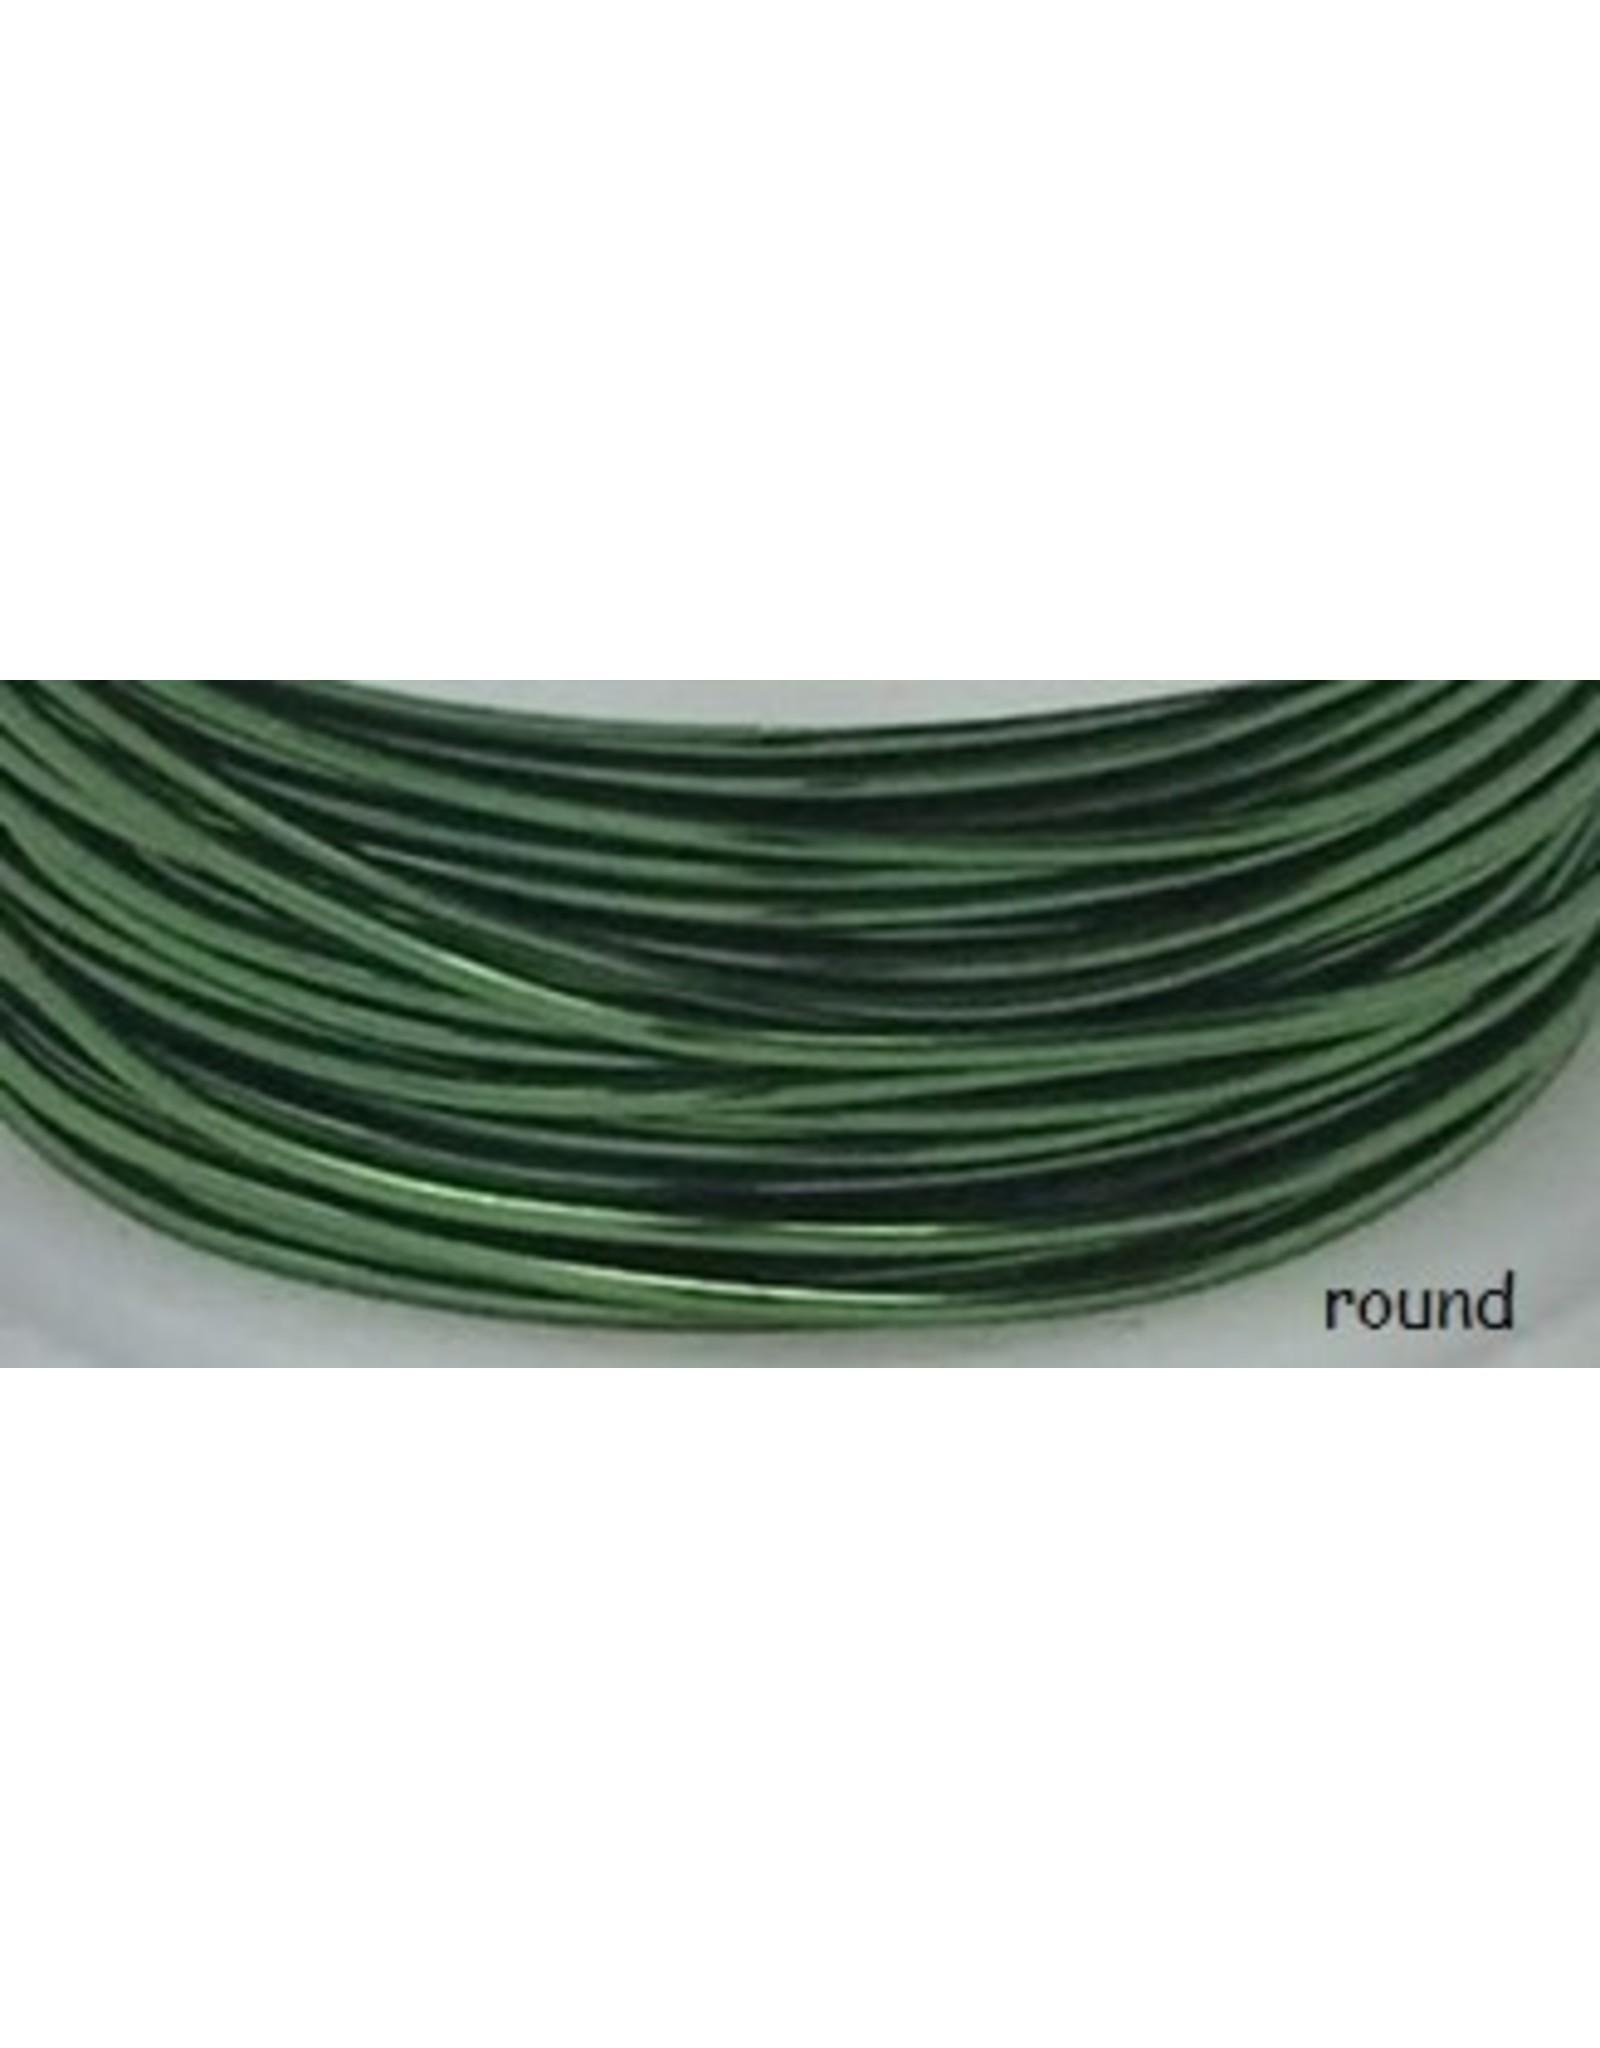 14g  Green 10 feet